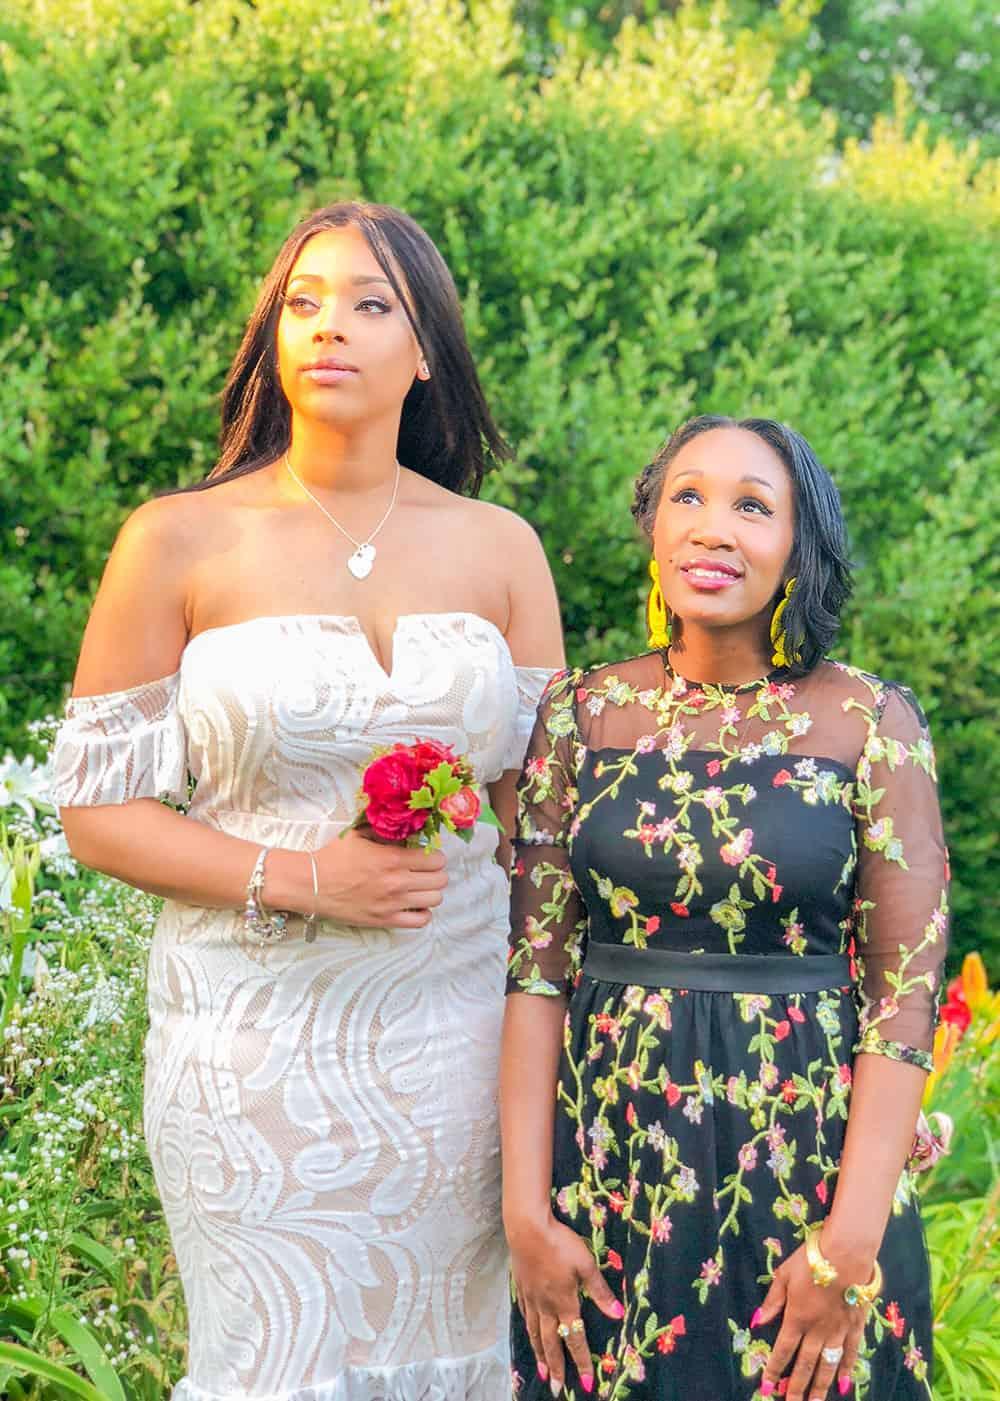 shaunda necole wedding dress inspiration